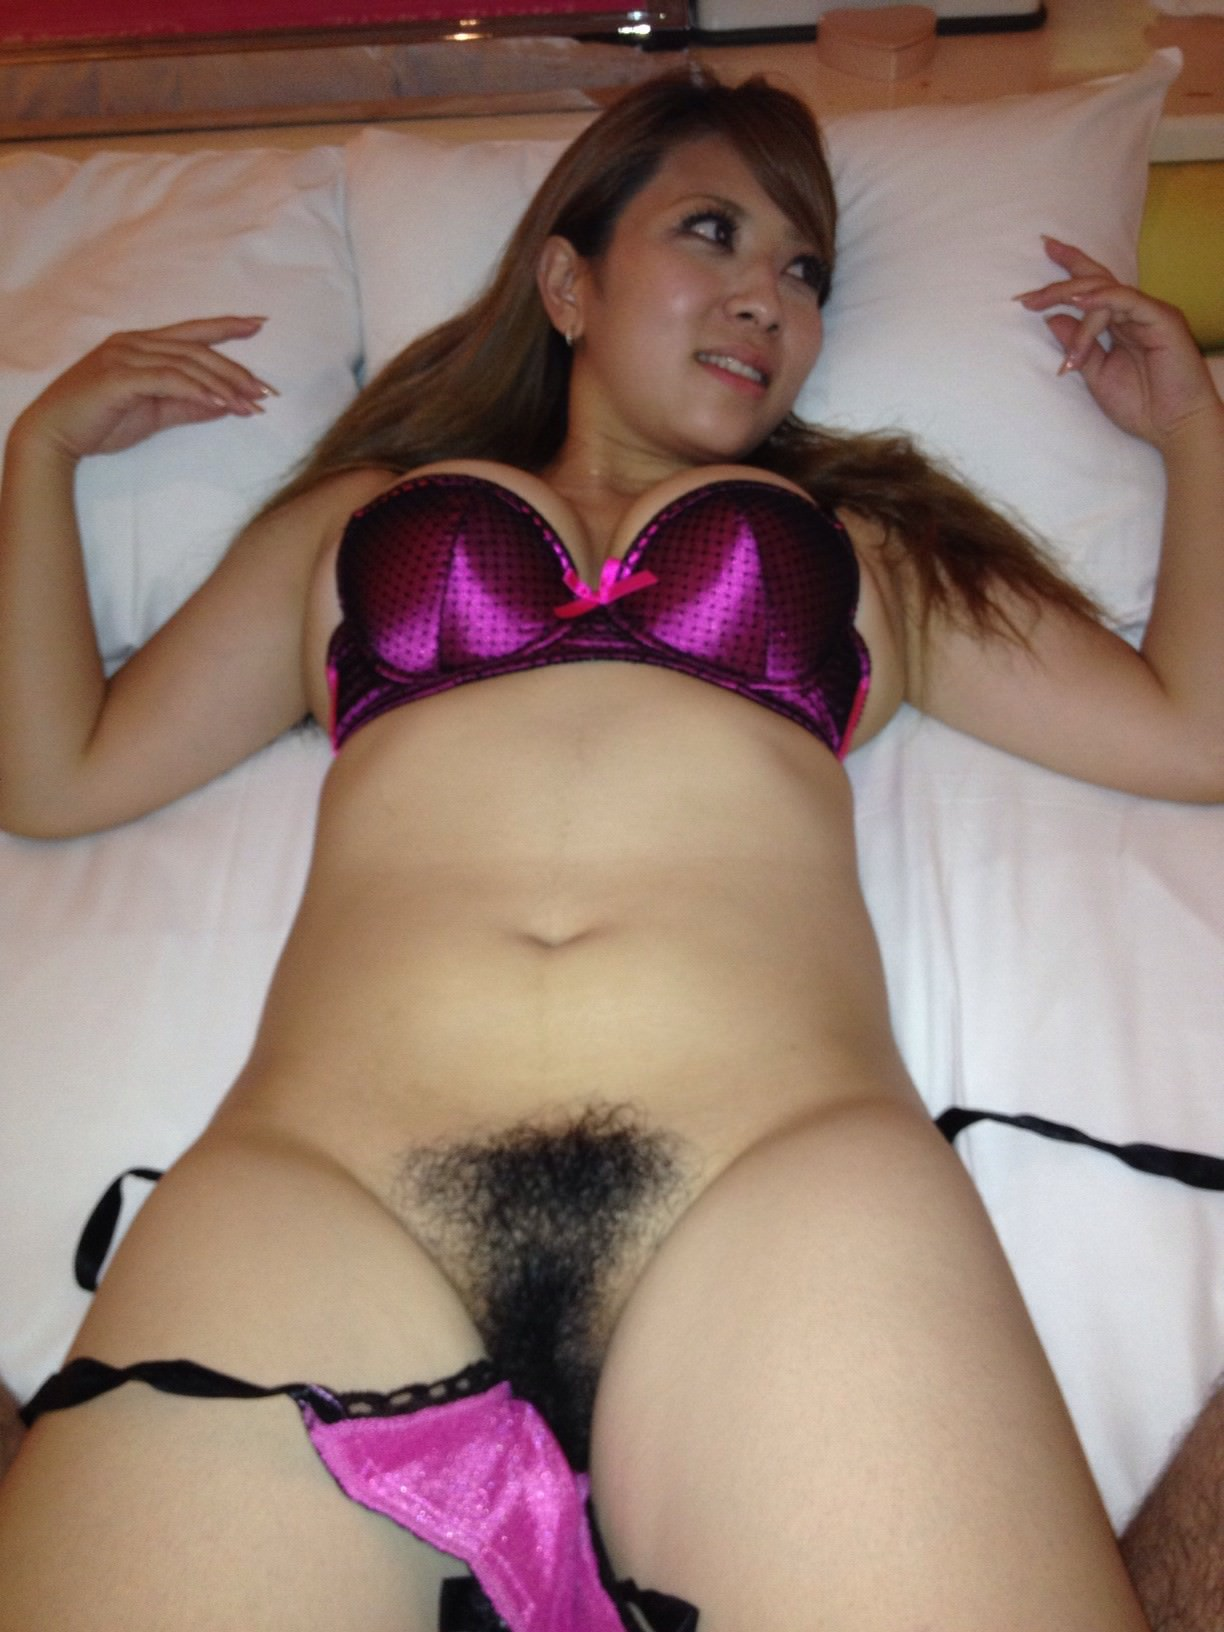 今まで付き合ってきた彼女の裸を特別にリベンジ公開するwww(ハメ撮りあり) 0927